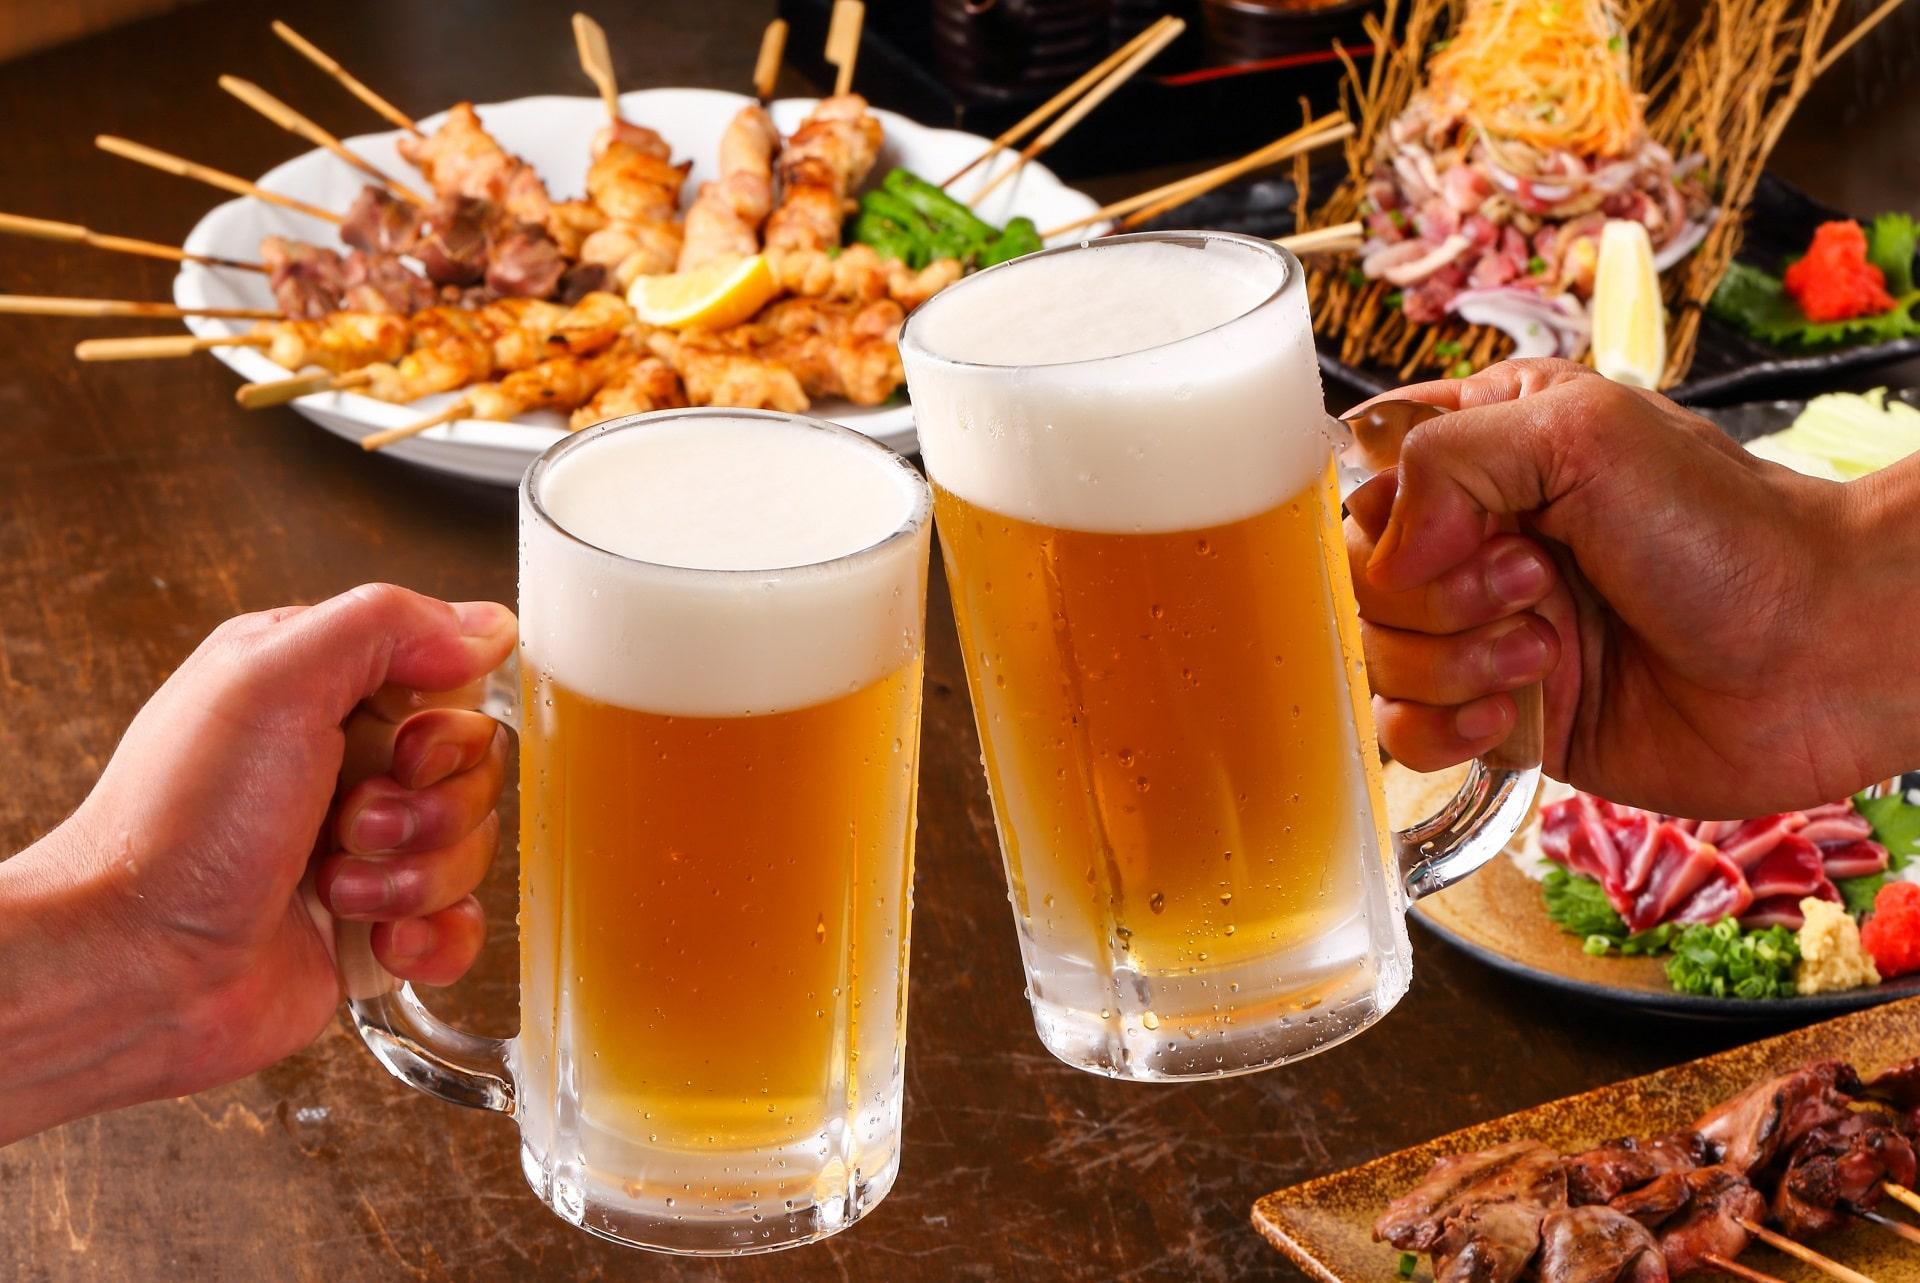 ビールは糖質高めだけど、それでも飲みたい人へのおすすめの飲み方